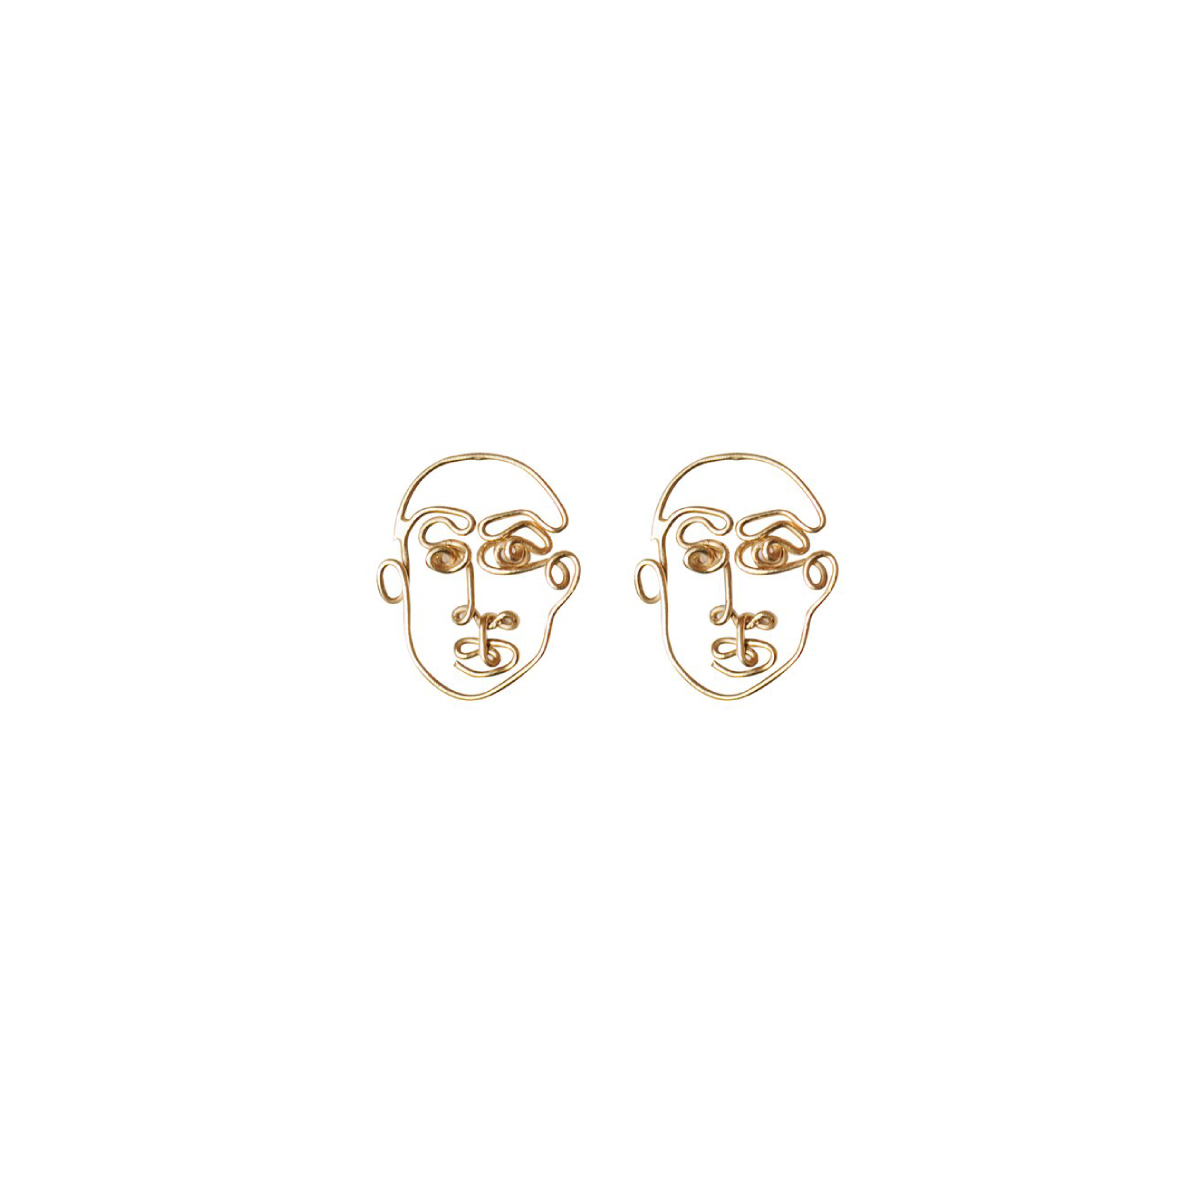 Alejandra de coss women´s stabile mini earrings introductory offer